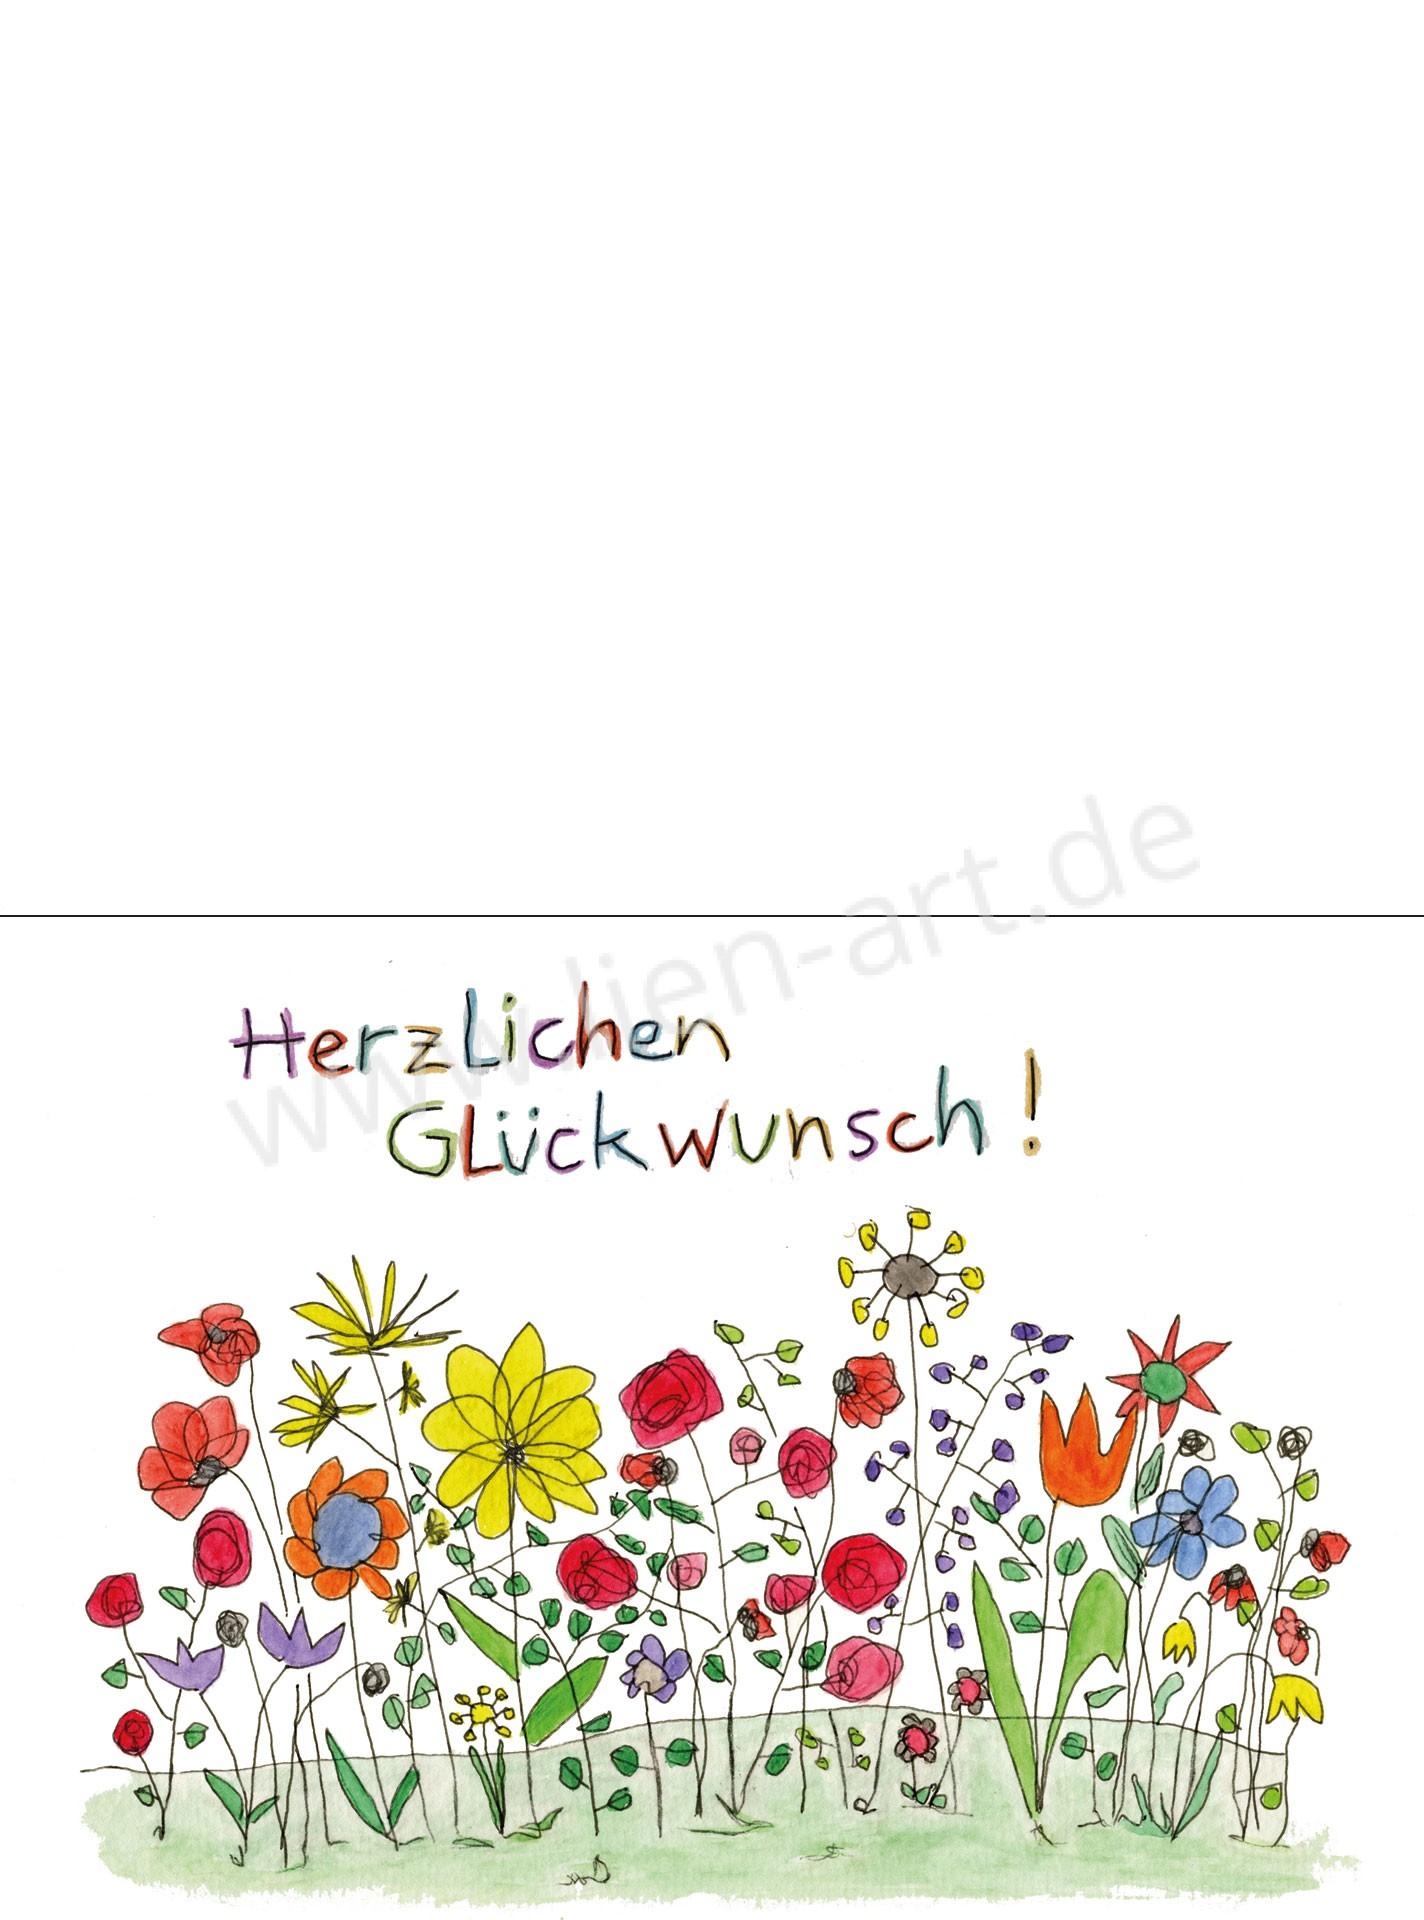 Glückwunsch Mit Blumen Klappkarte